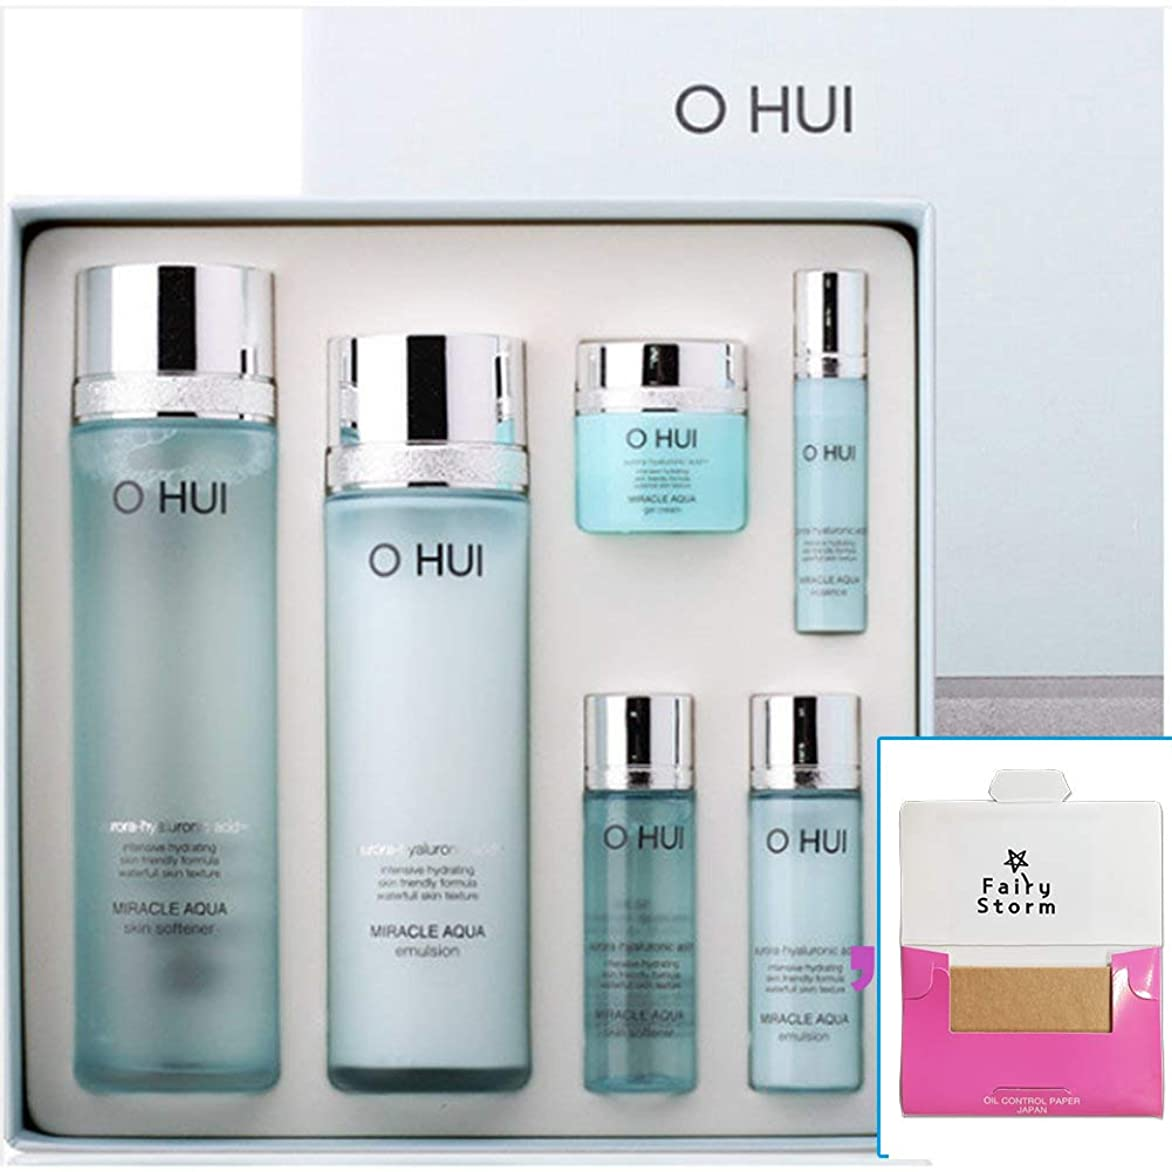 熟読する有限日付[オフィ/O HUI]韓国化粧品LG生活健康/O HUI MIRACLE AQUA SPECIAL 2EA SET/ミラクルアクア 2種セット+[Sample Gift](海外直送品)